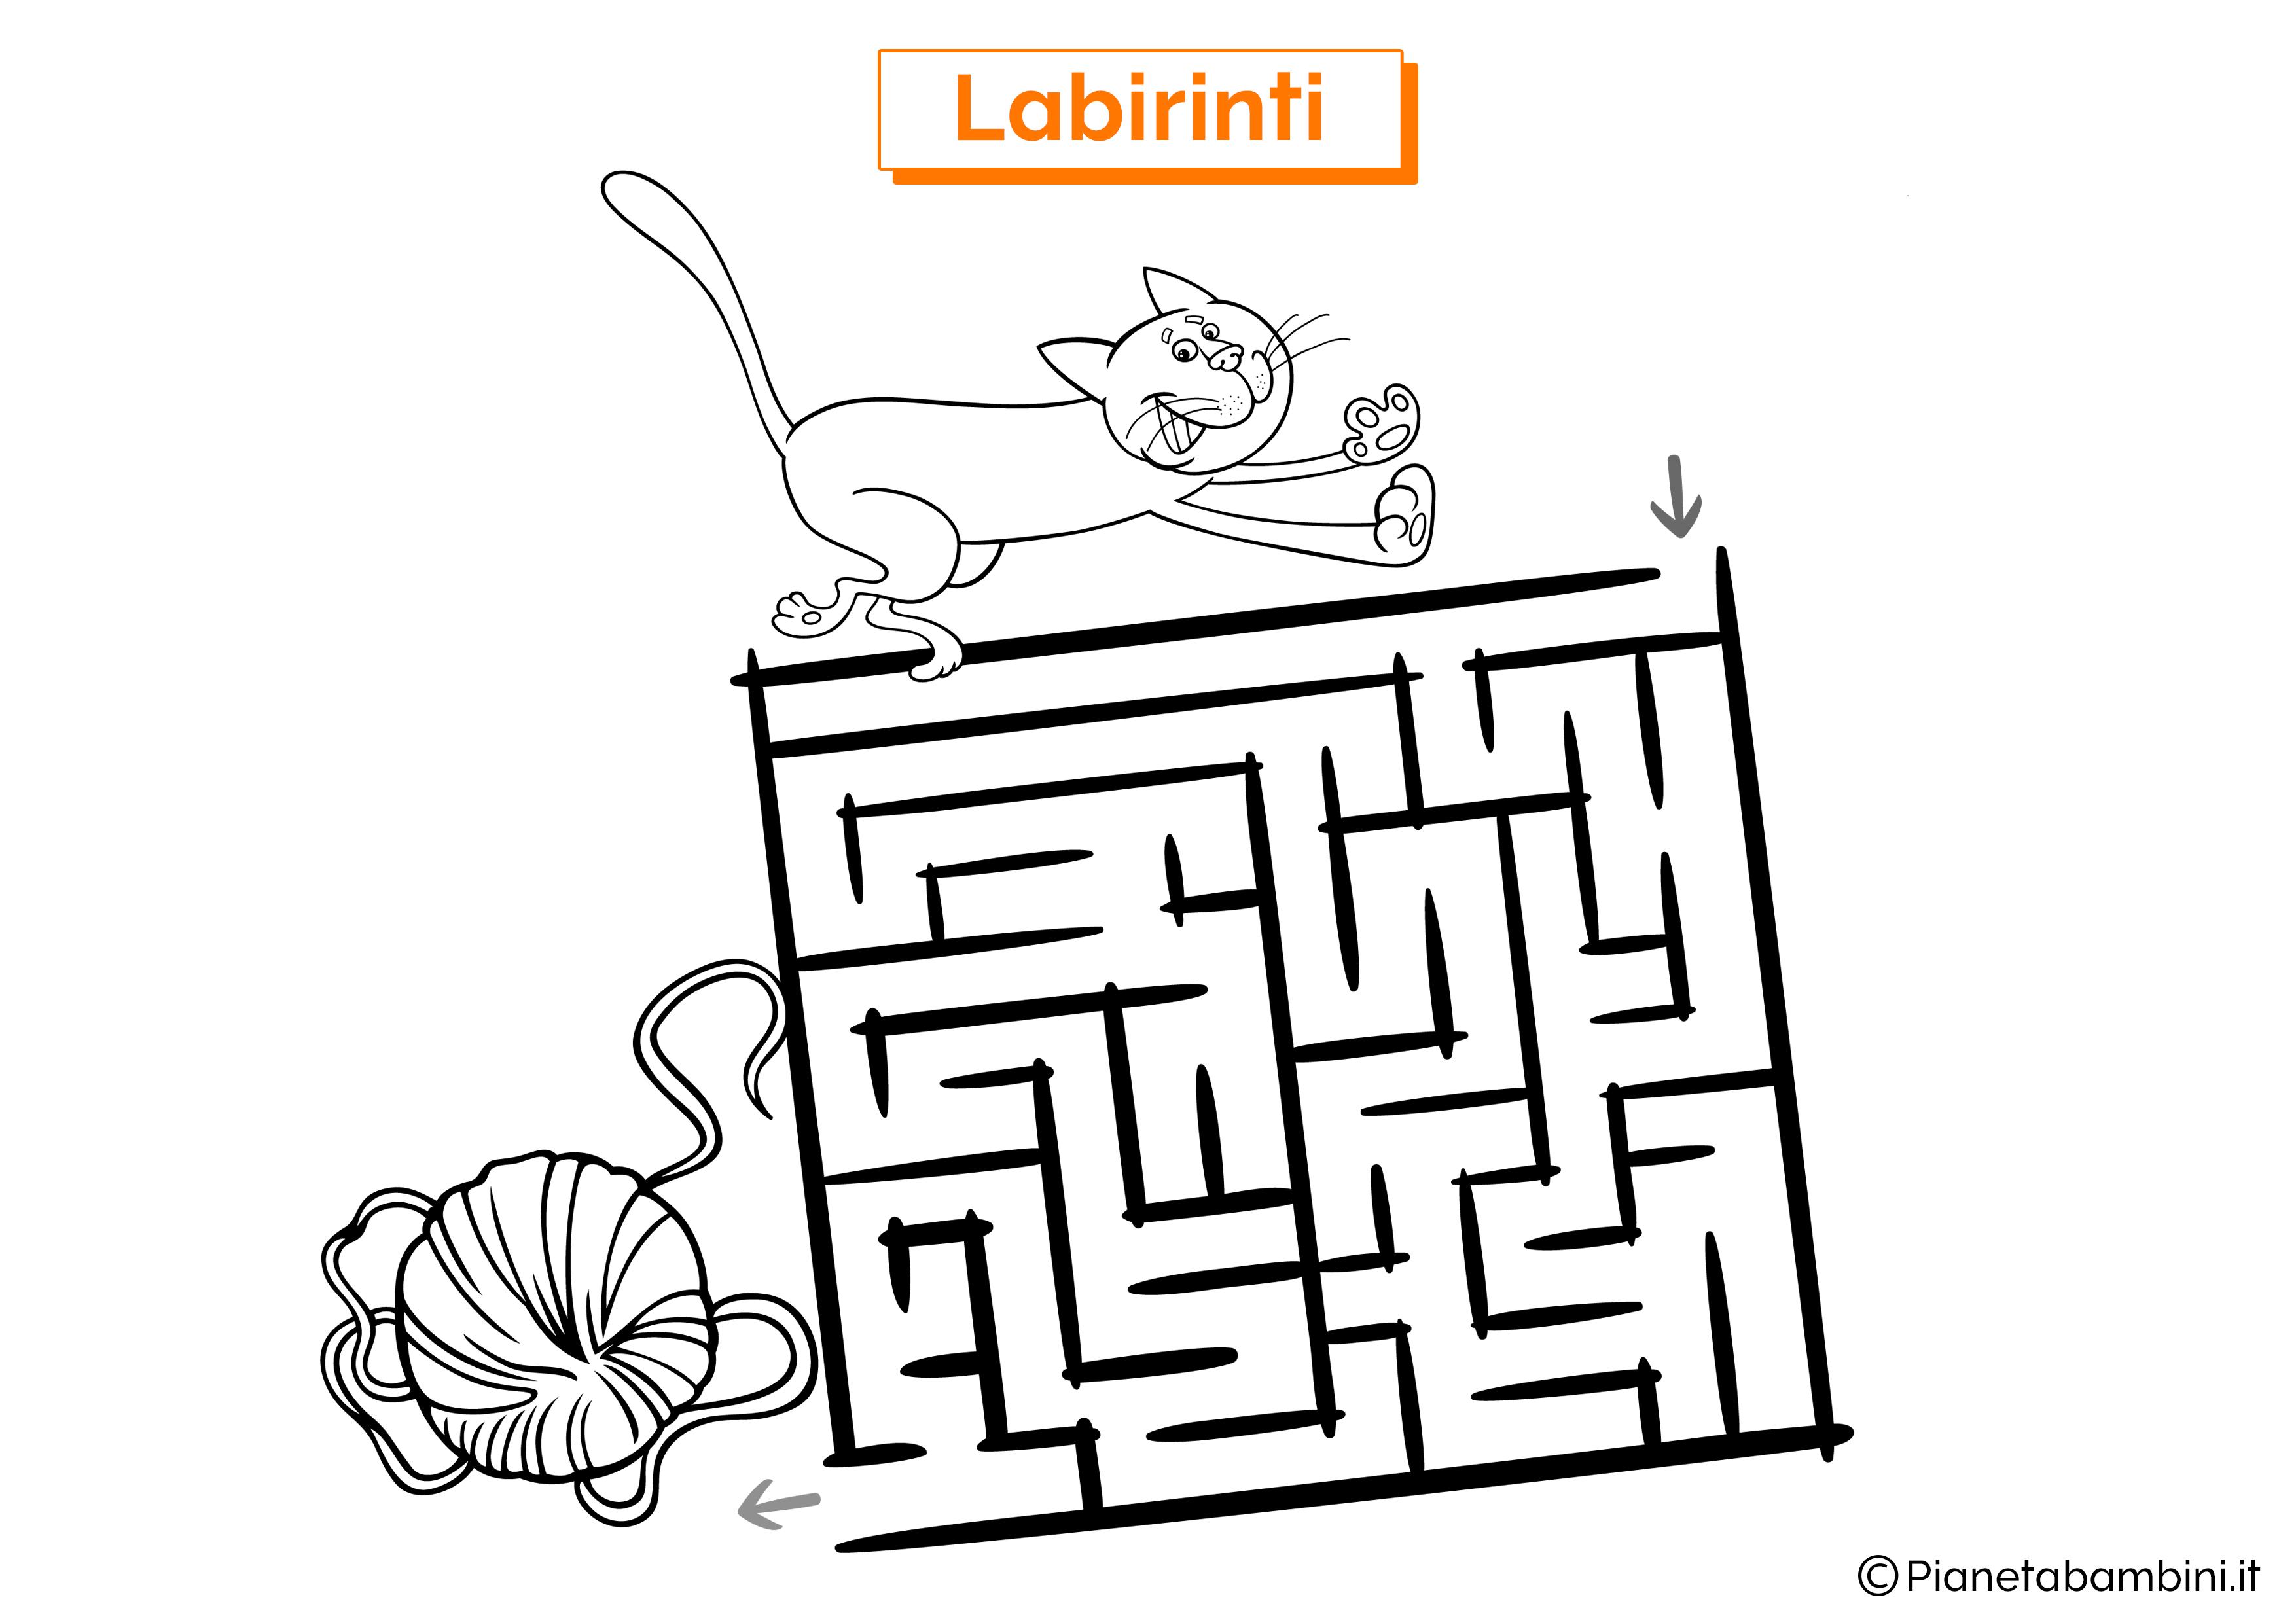 Labirinto con gatto e gomitolo da stampare